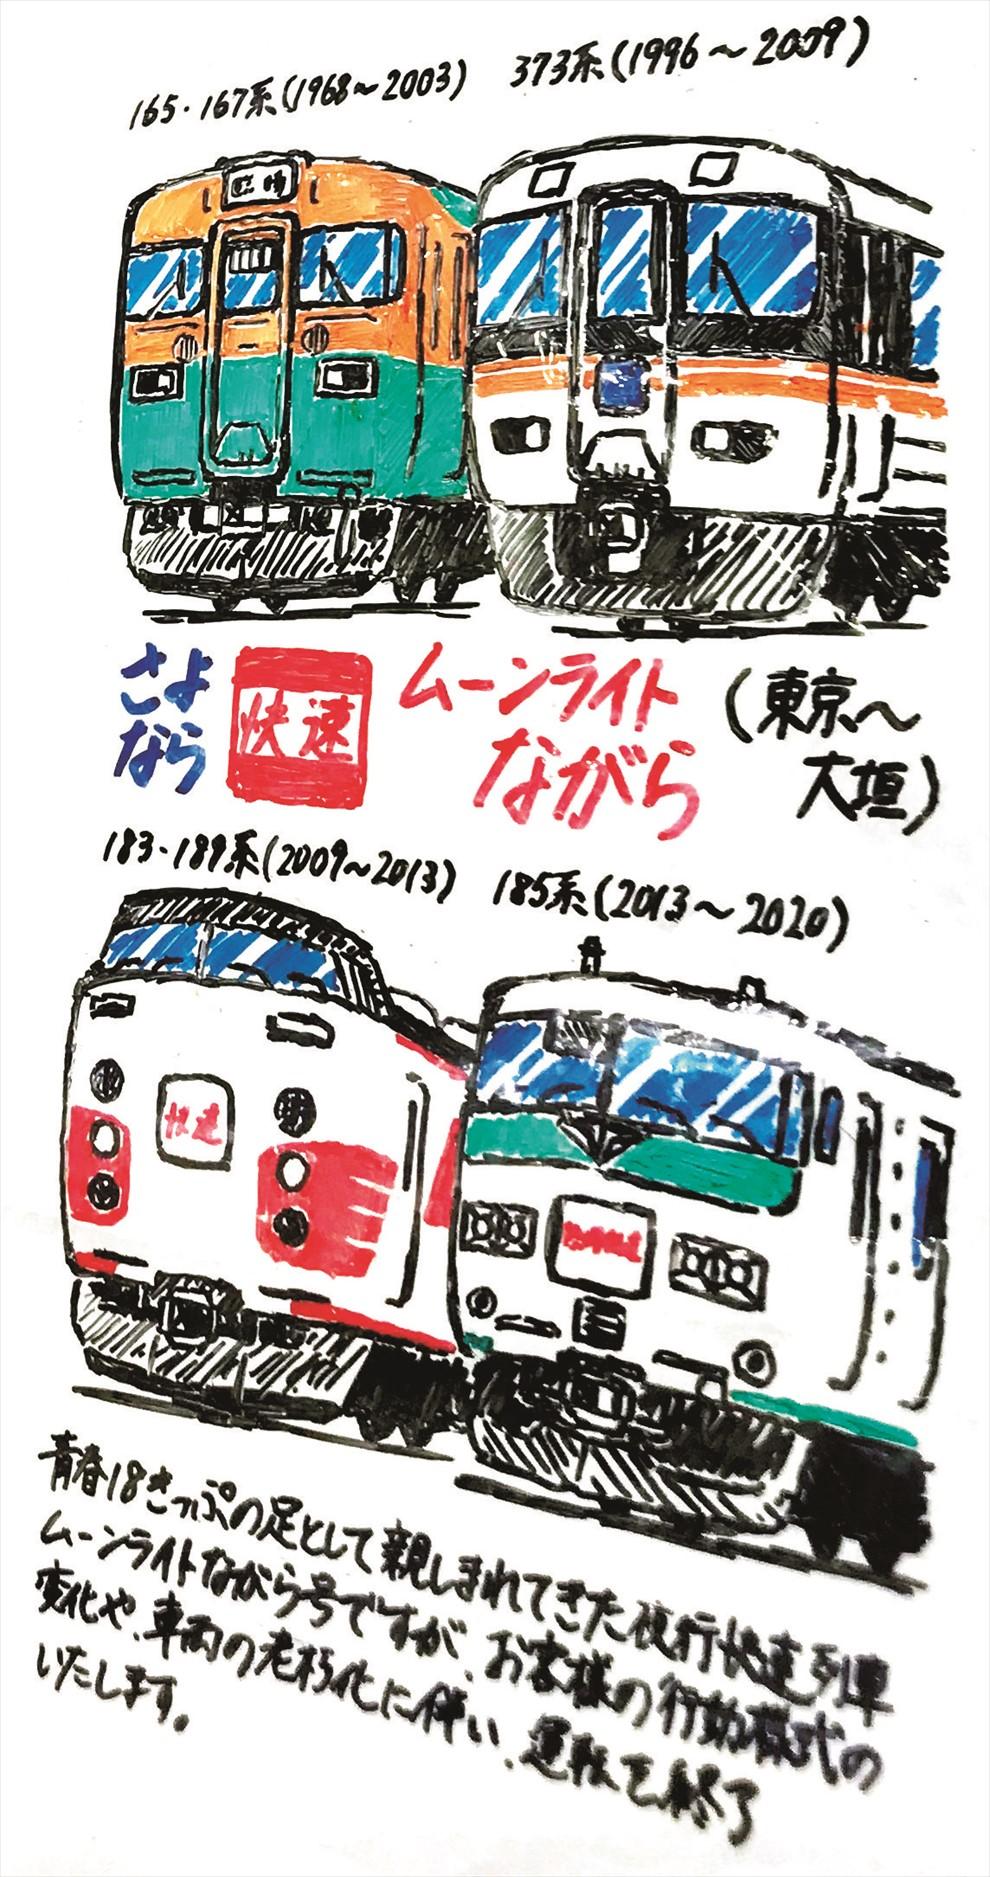 東京~大垣を結んだ快速「ムーンライトながら」が引退したときのもの。車両の変遷を描いた。